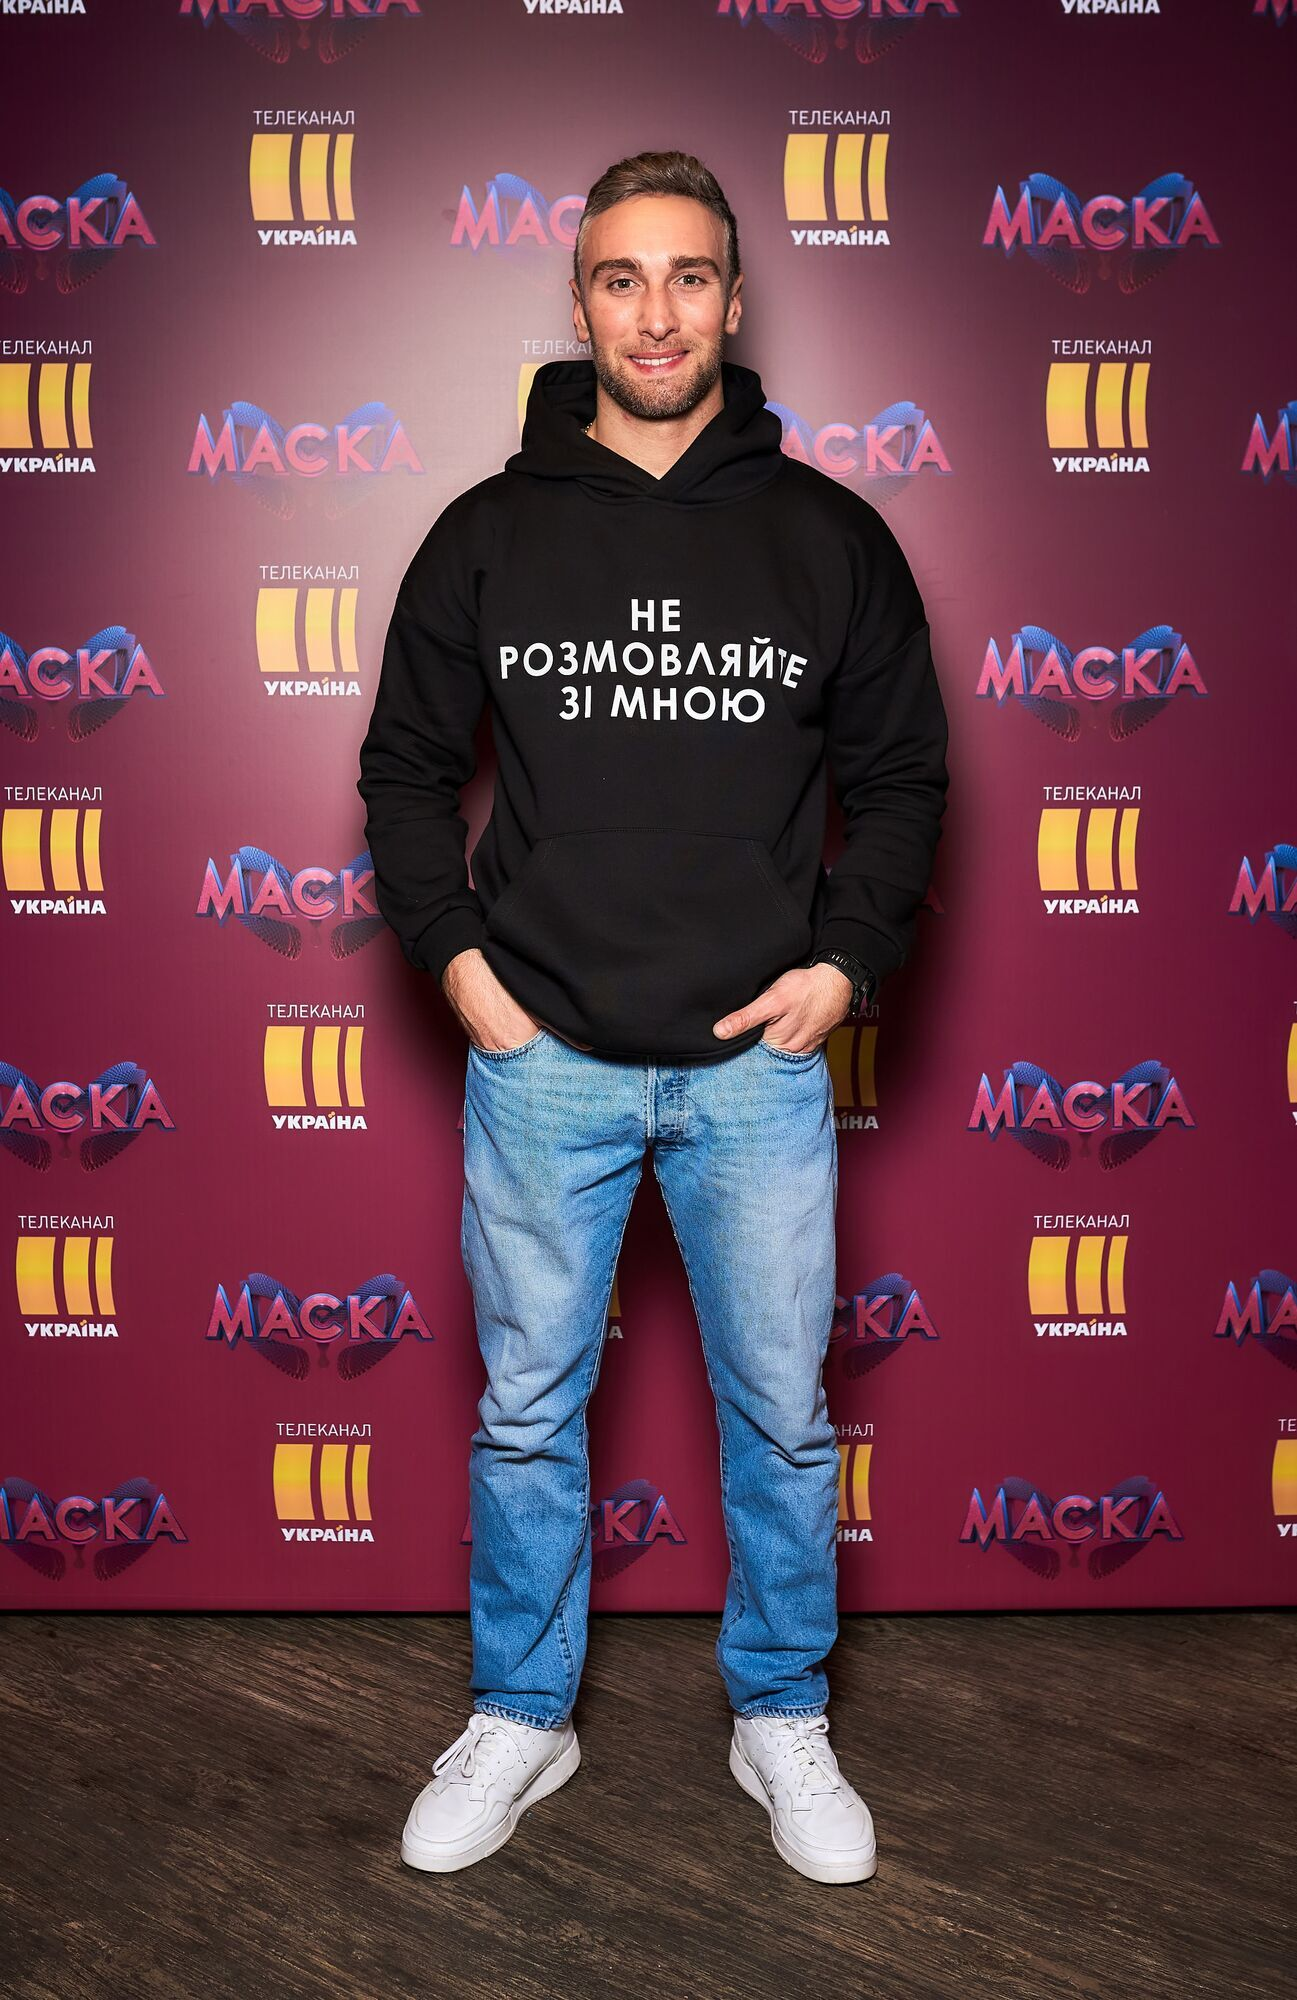 """Іраклі Макацарія в костюмі Сома на шоу """"Маска""""."""